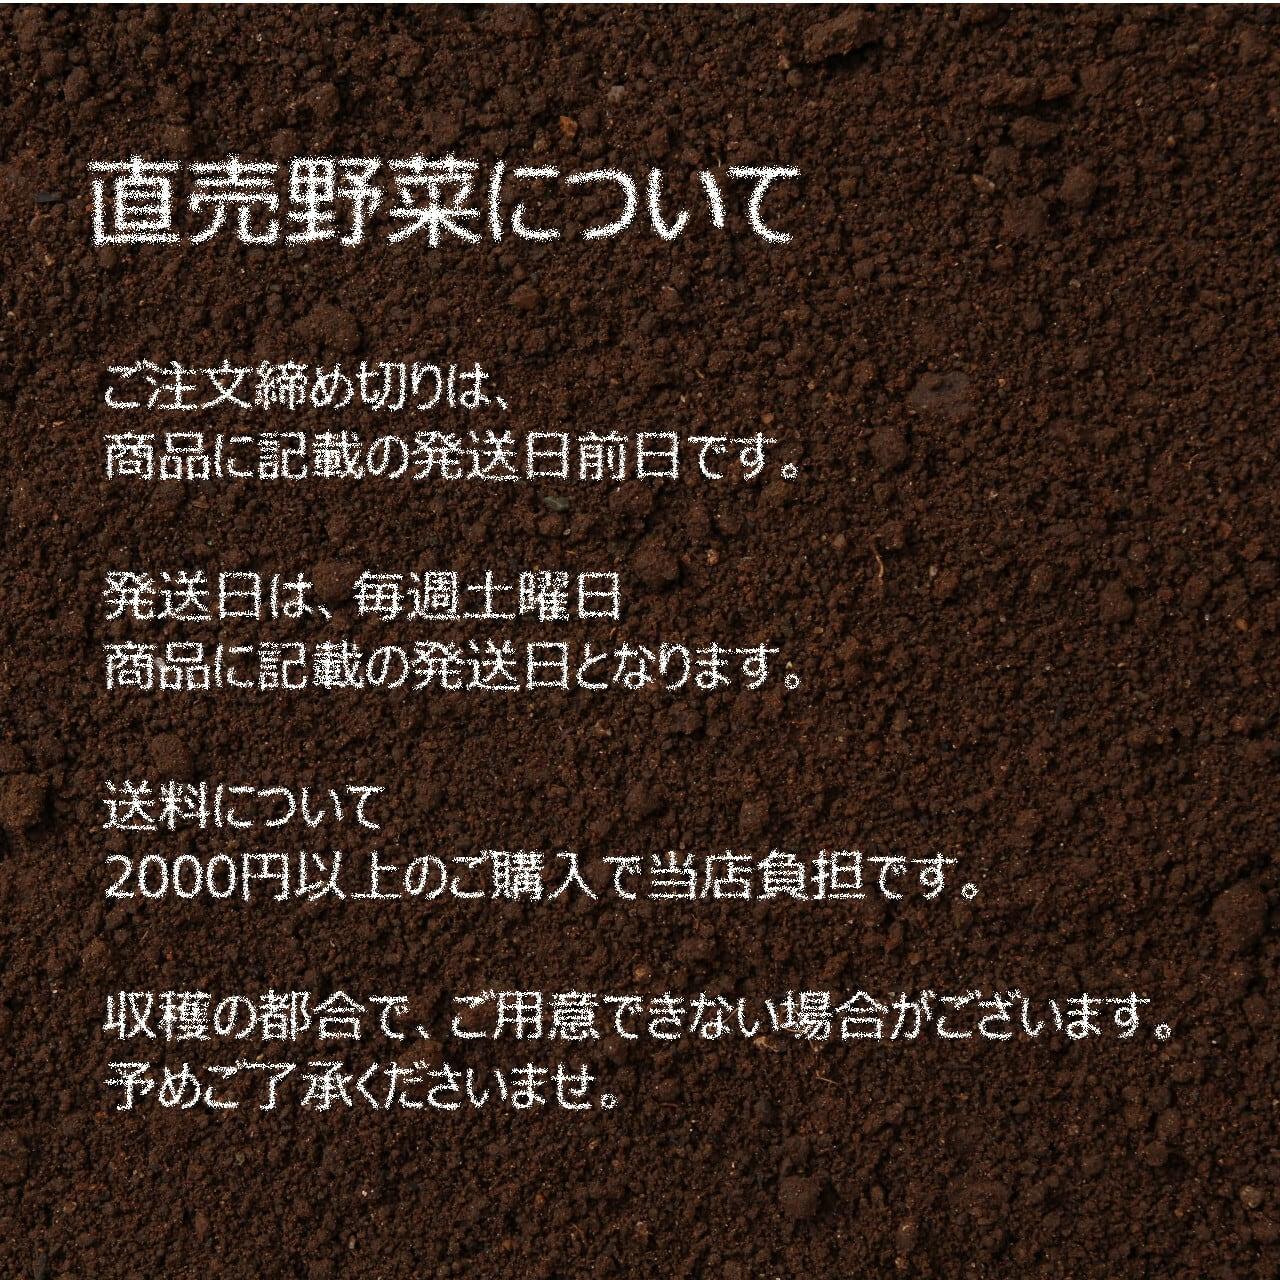 7月の新鮮な夏野菜 : ネギ 3~4本 朝採り直売野菜 7月17日発送予定